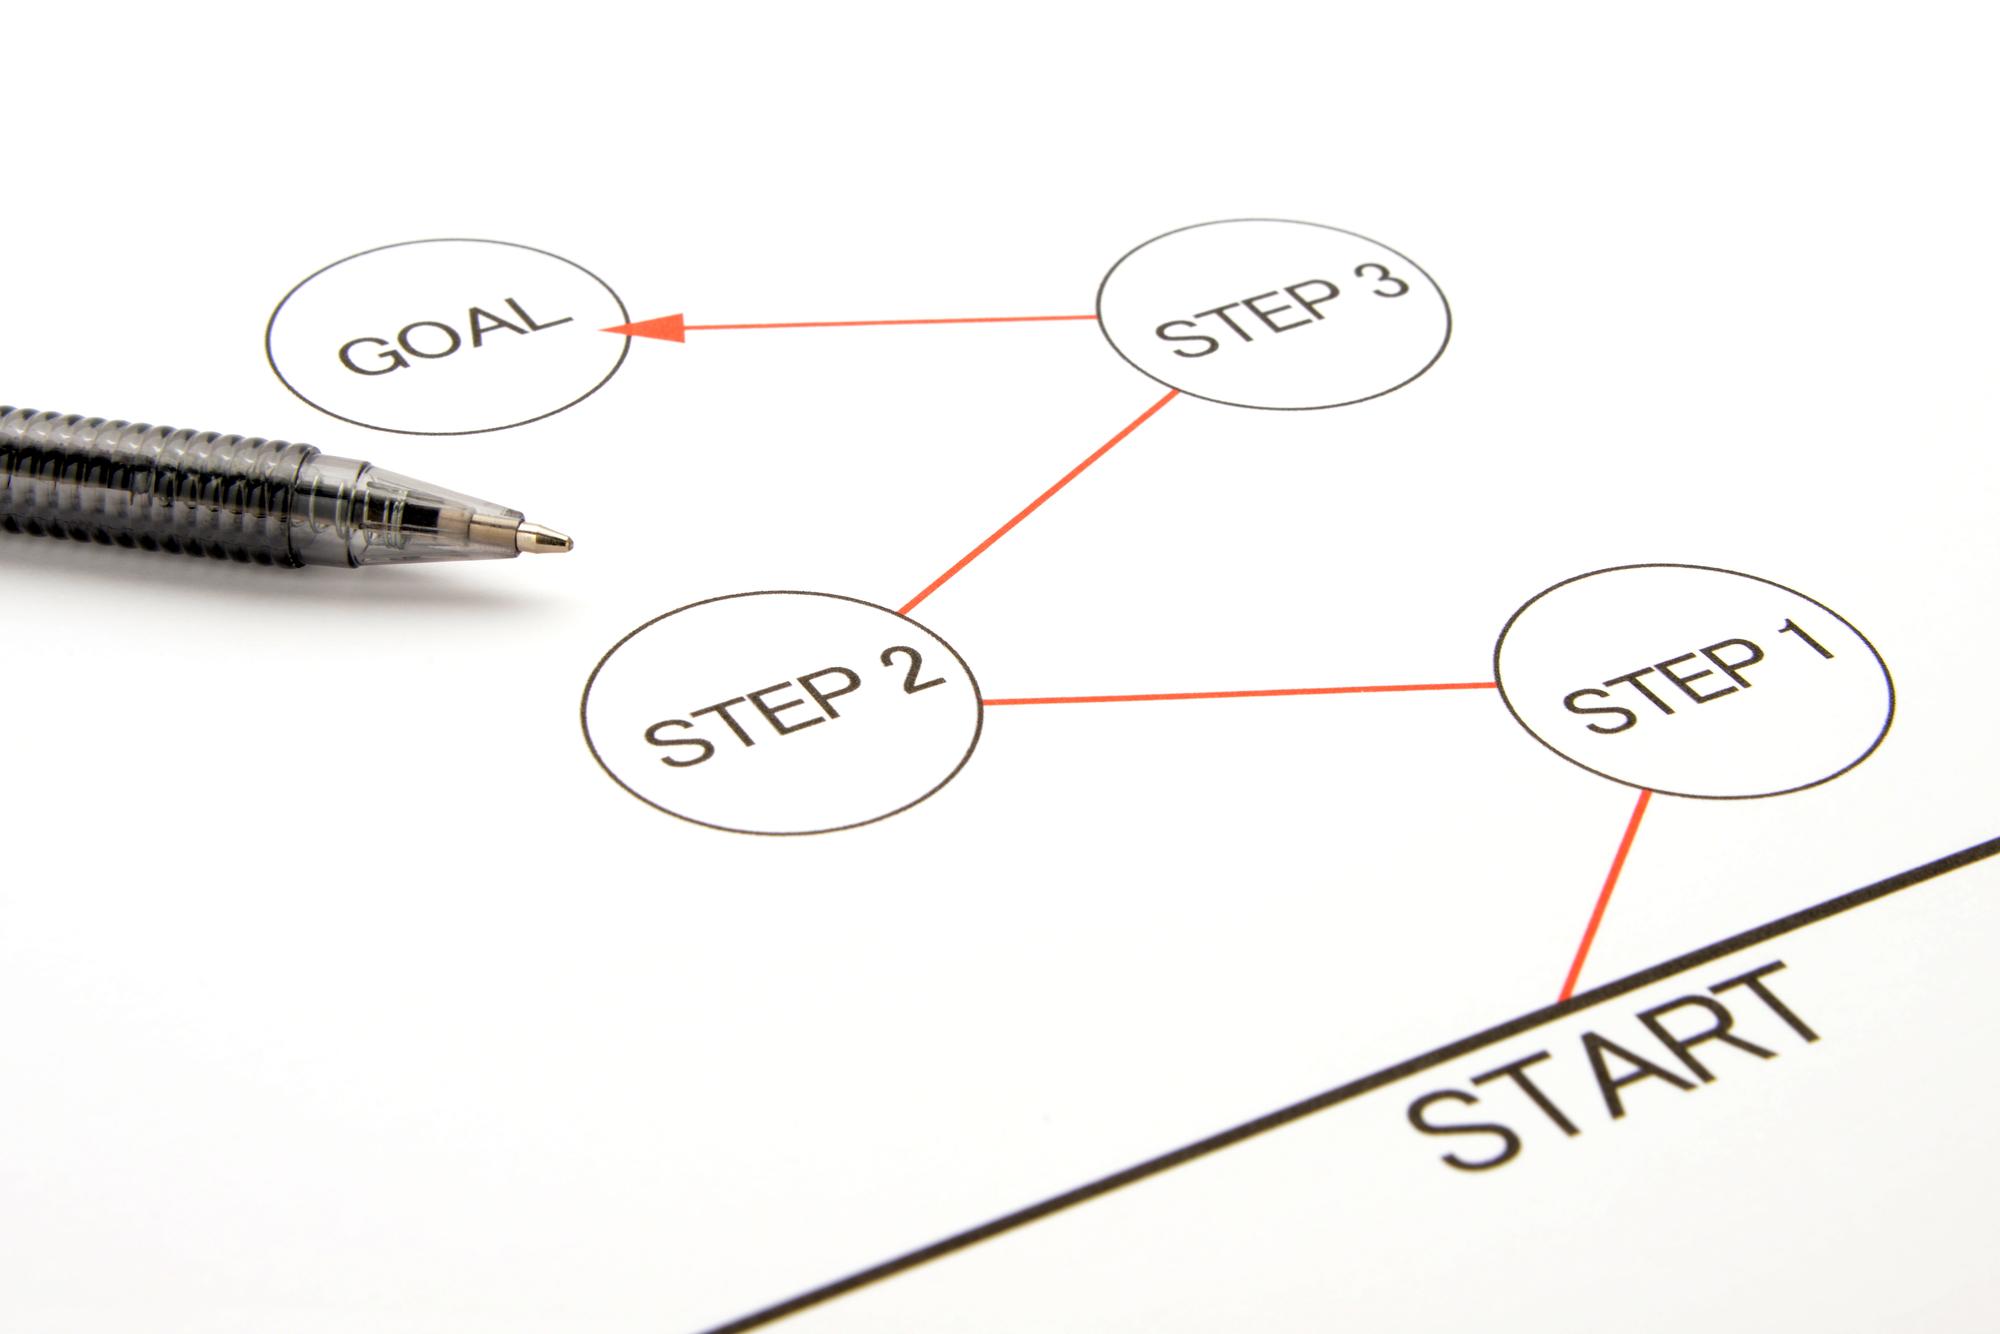 ステップを解説した表